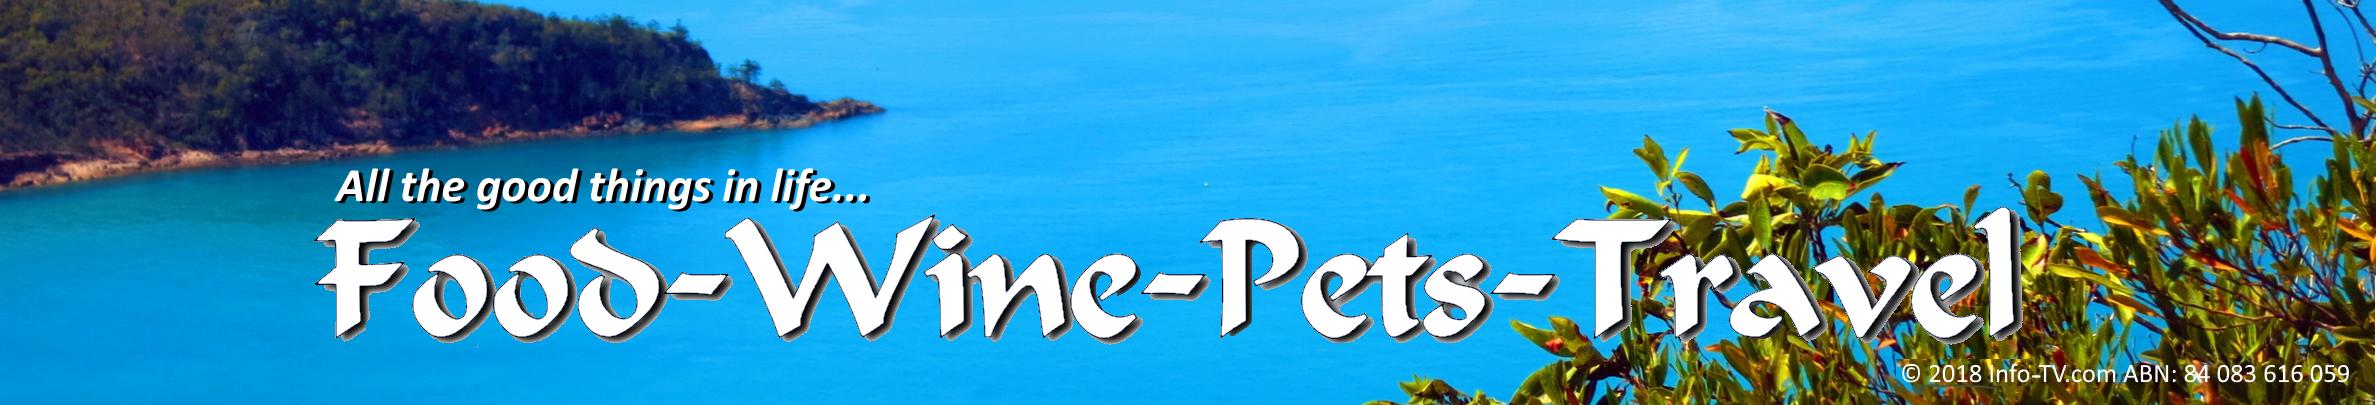 Food-Wine-Pets-Travel+